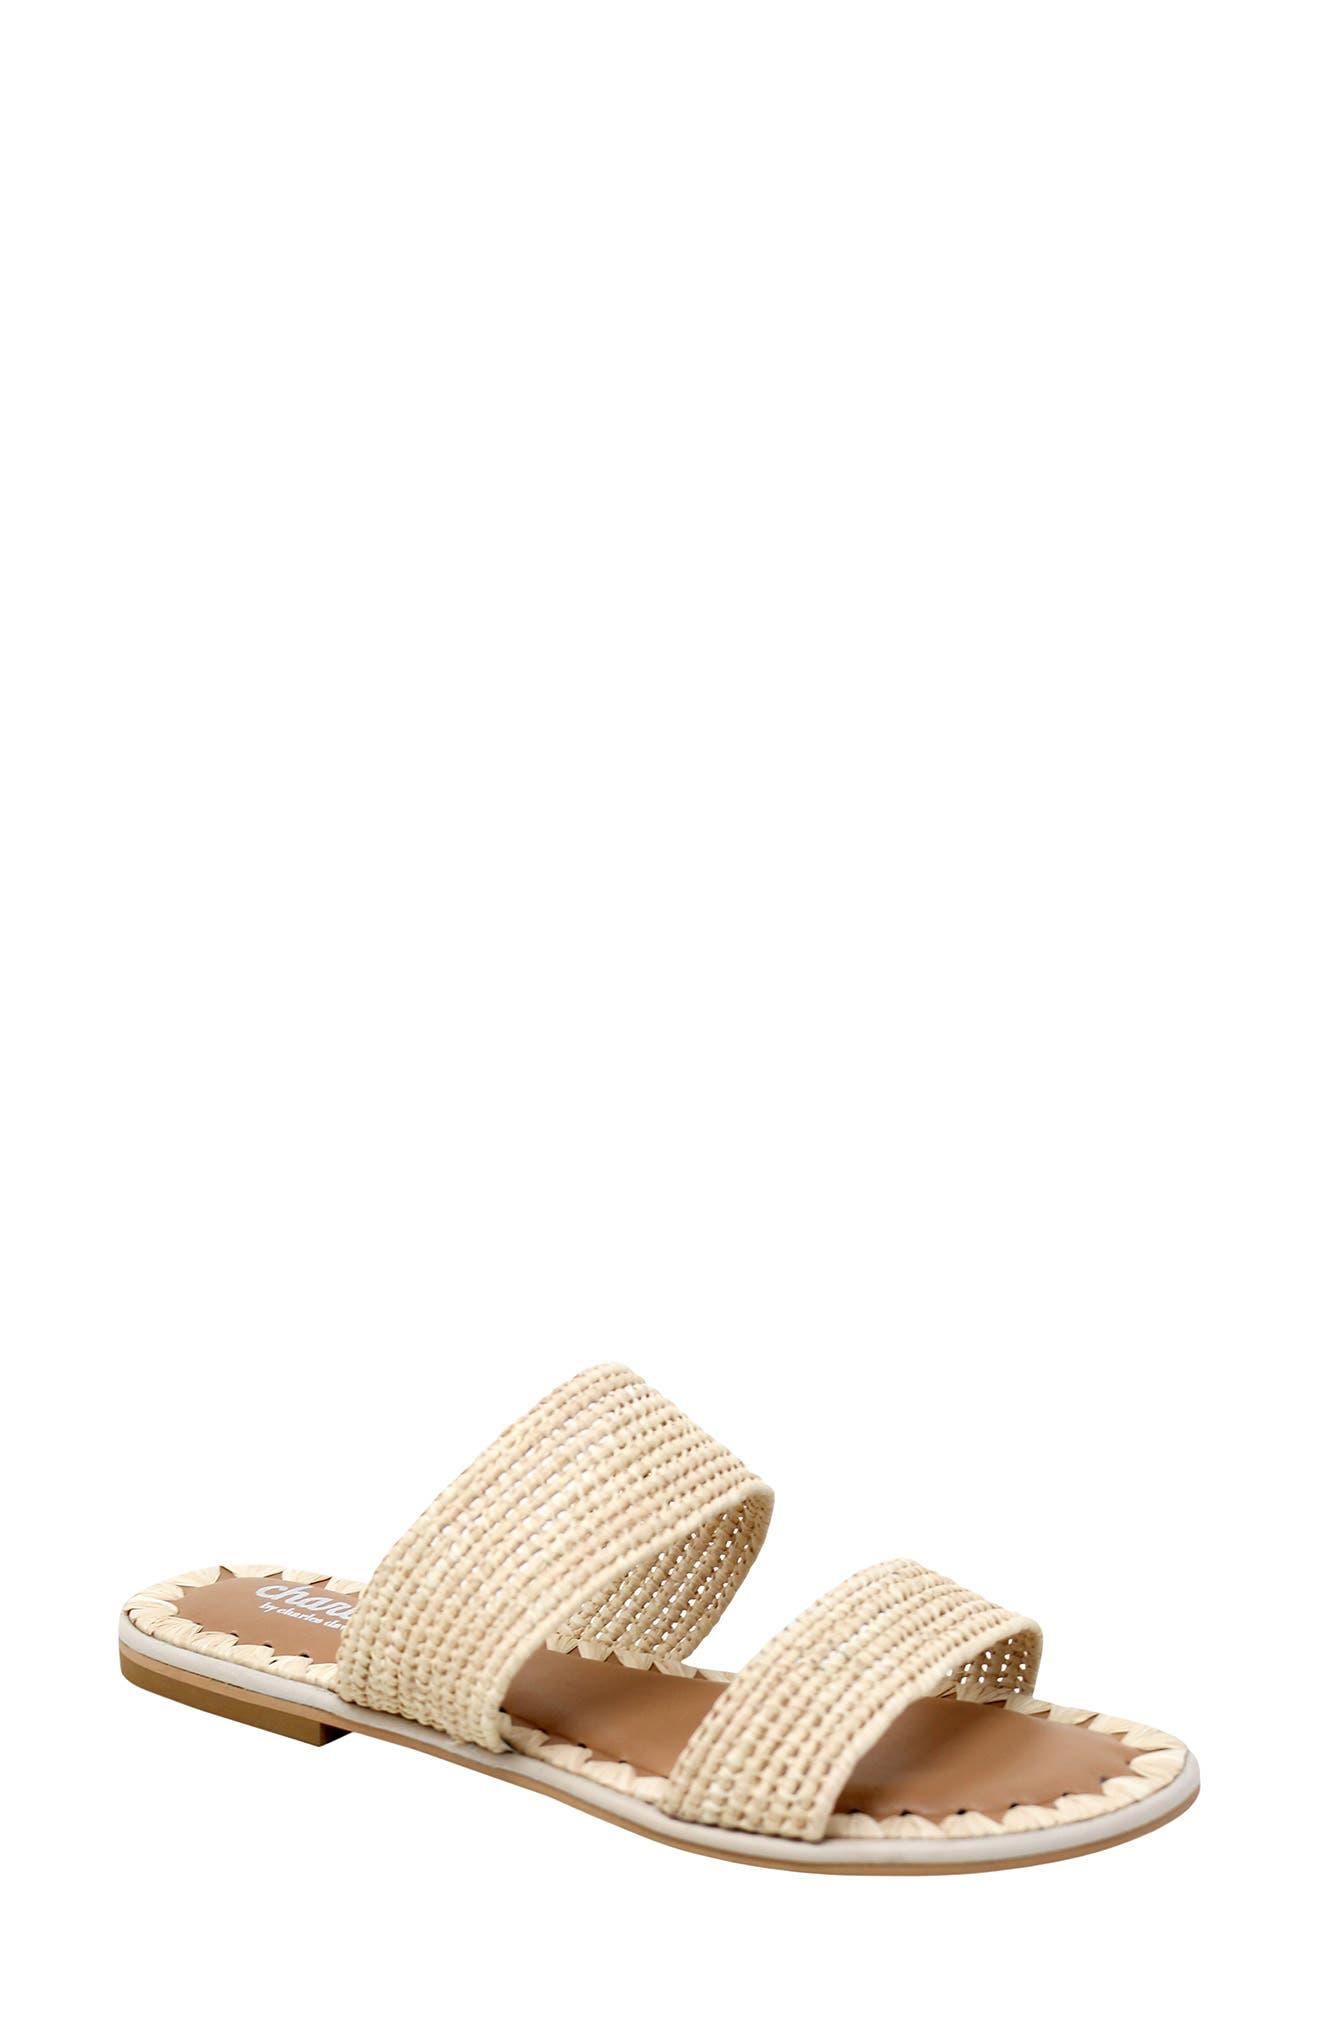 Kinder Slide Sandal